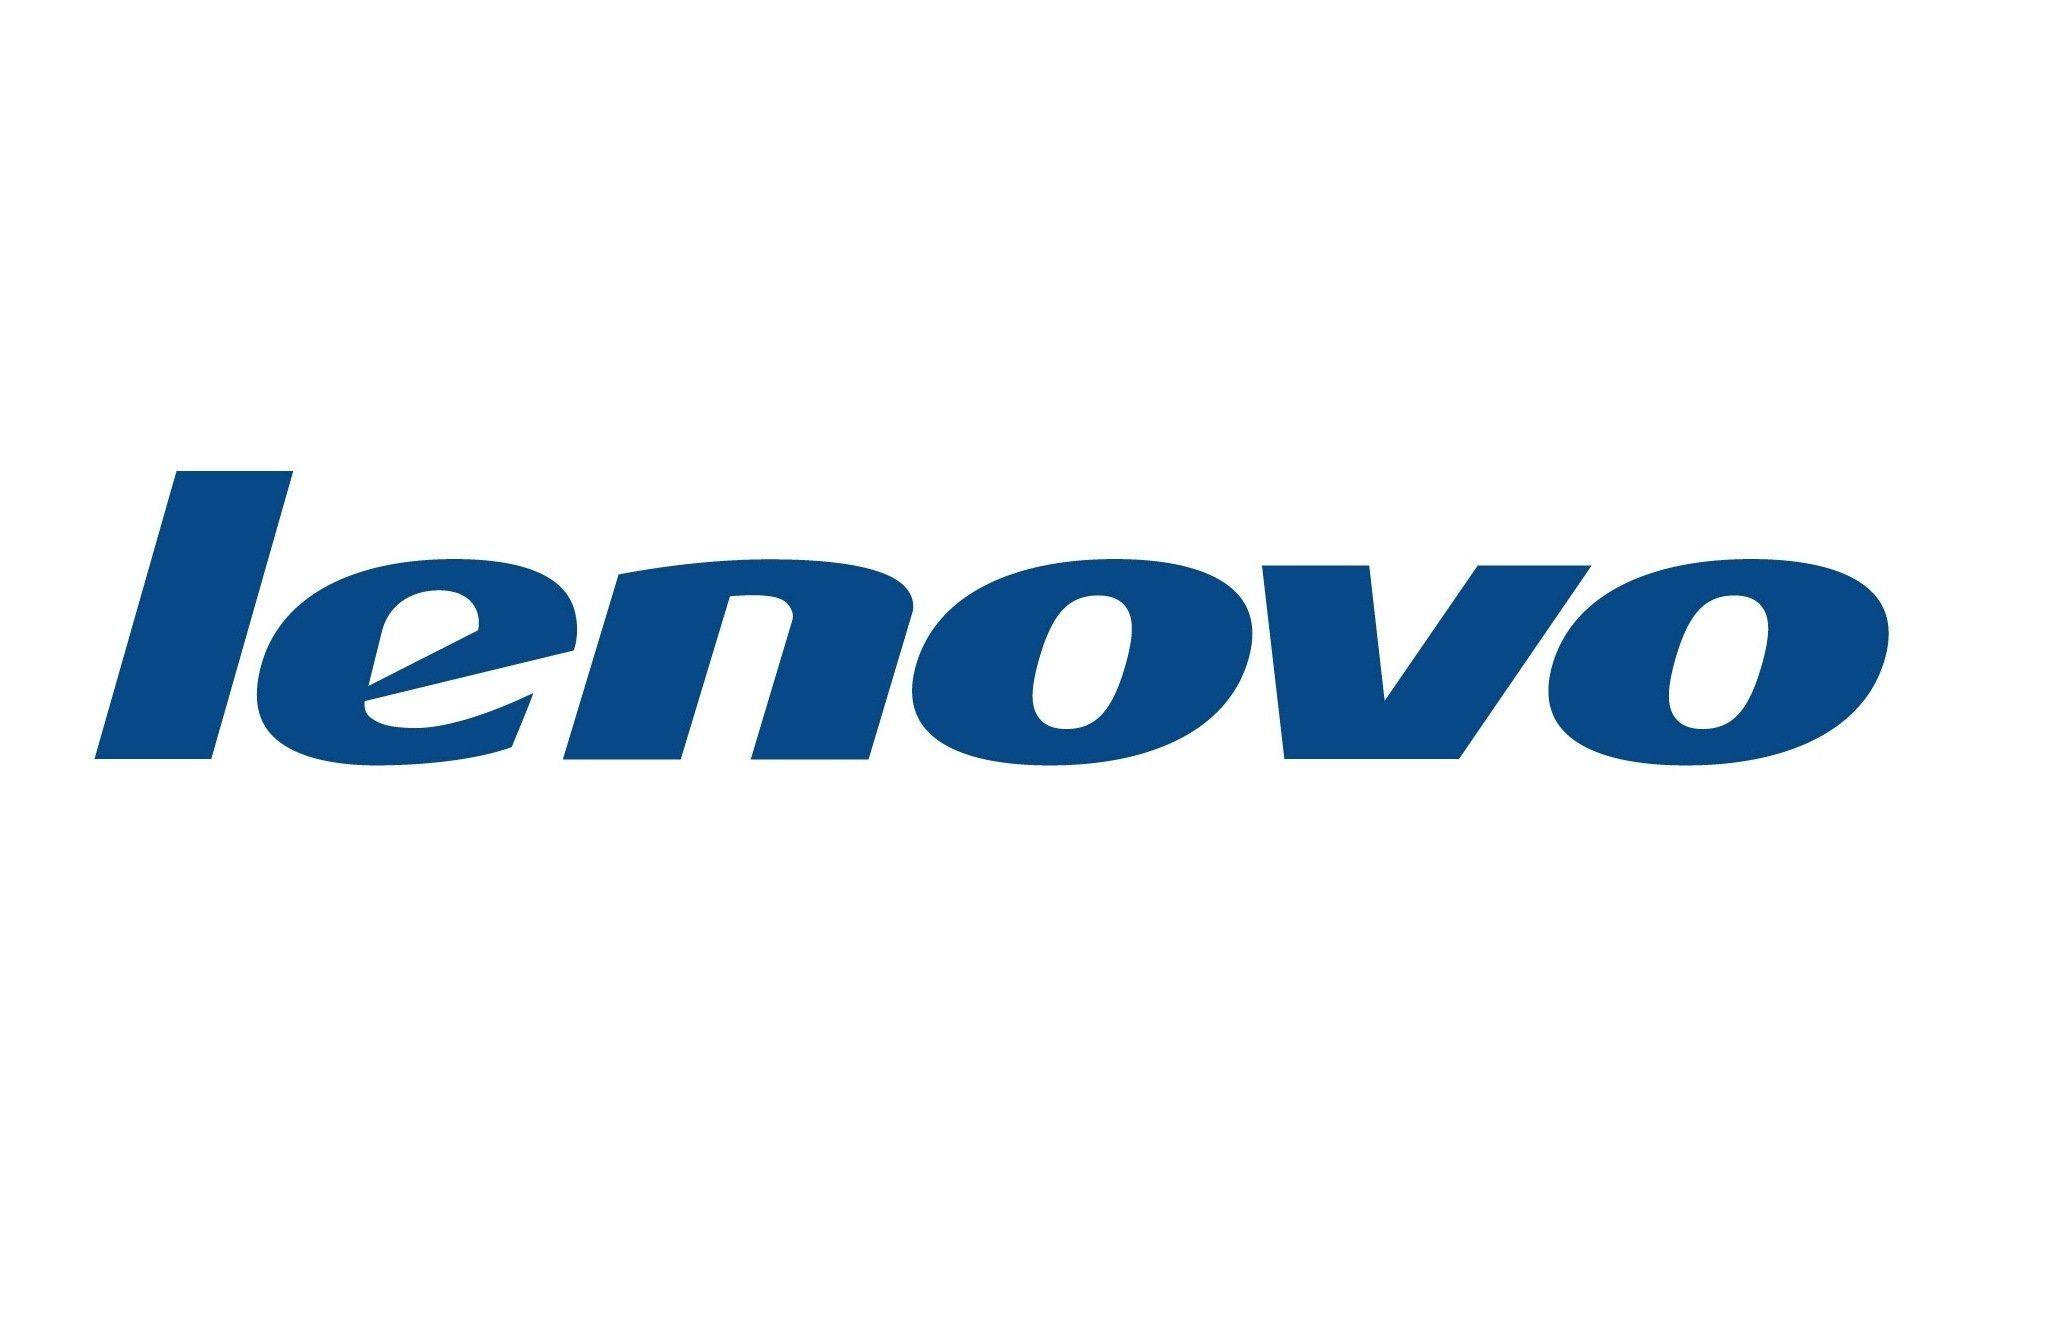 A LENOVO dedica-se ao desenvolvimento dos melhores computadores pessoais do mundo, fabricando e comercializando produtos tecnológicos confiáveis, de alta qualidade, seguros e fáceis de usar com serviços utilizados mundialmente. Inovação e eficiência operacional estão presentes em todos os seus produtos, desde um notebook até um avançado monitor. -